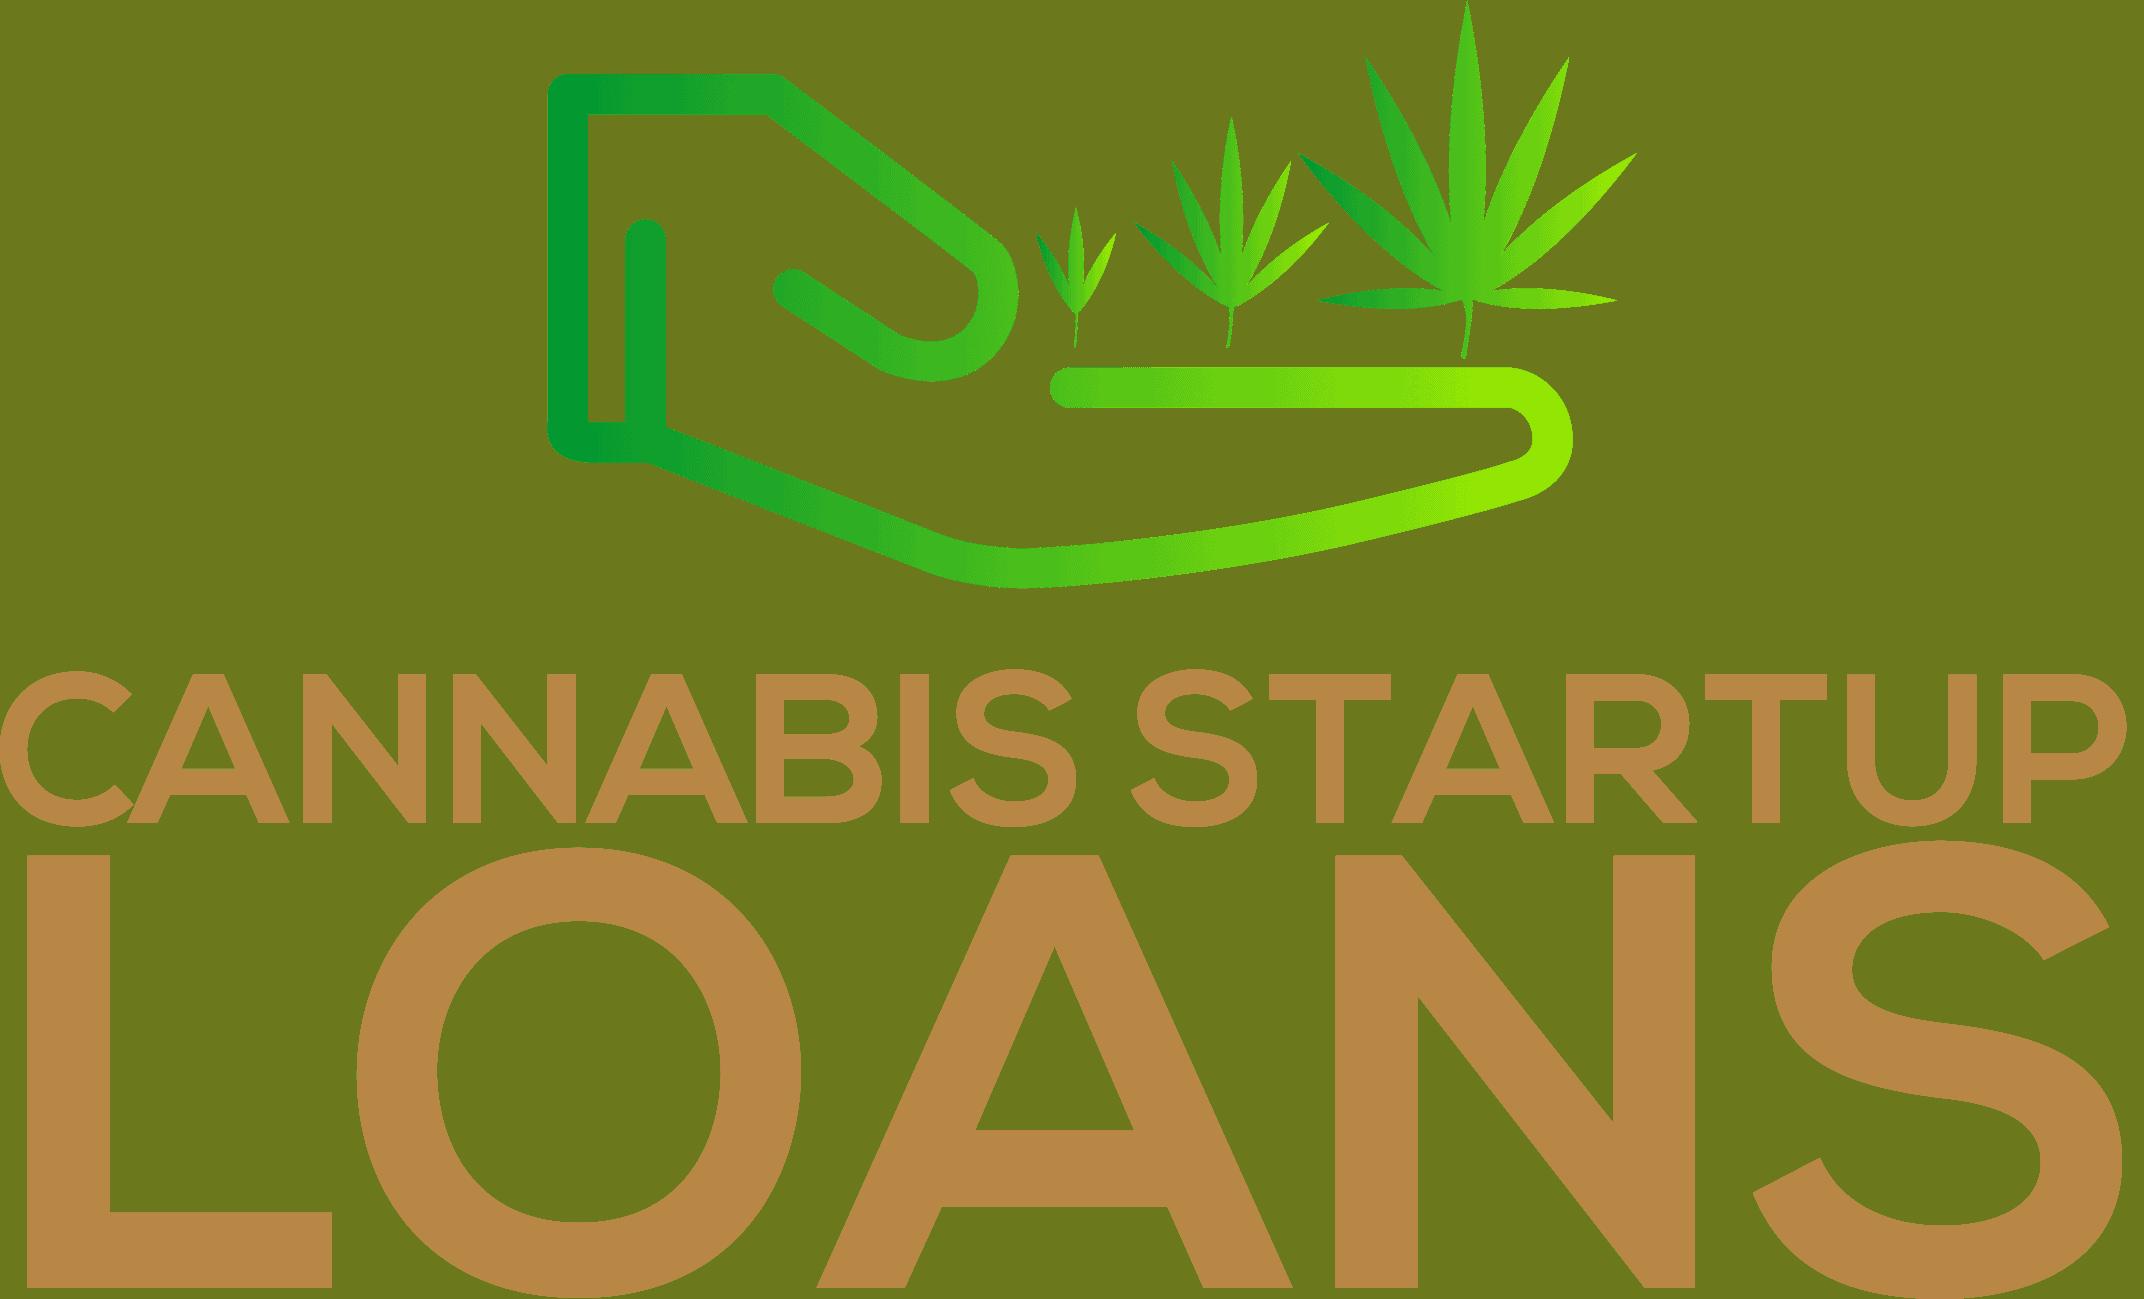 Cannabis Startup Loans